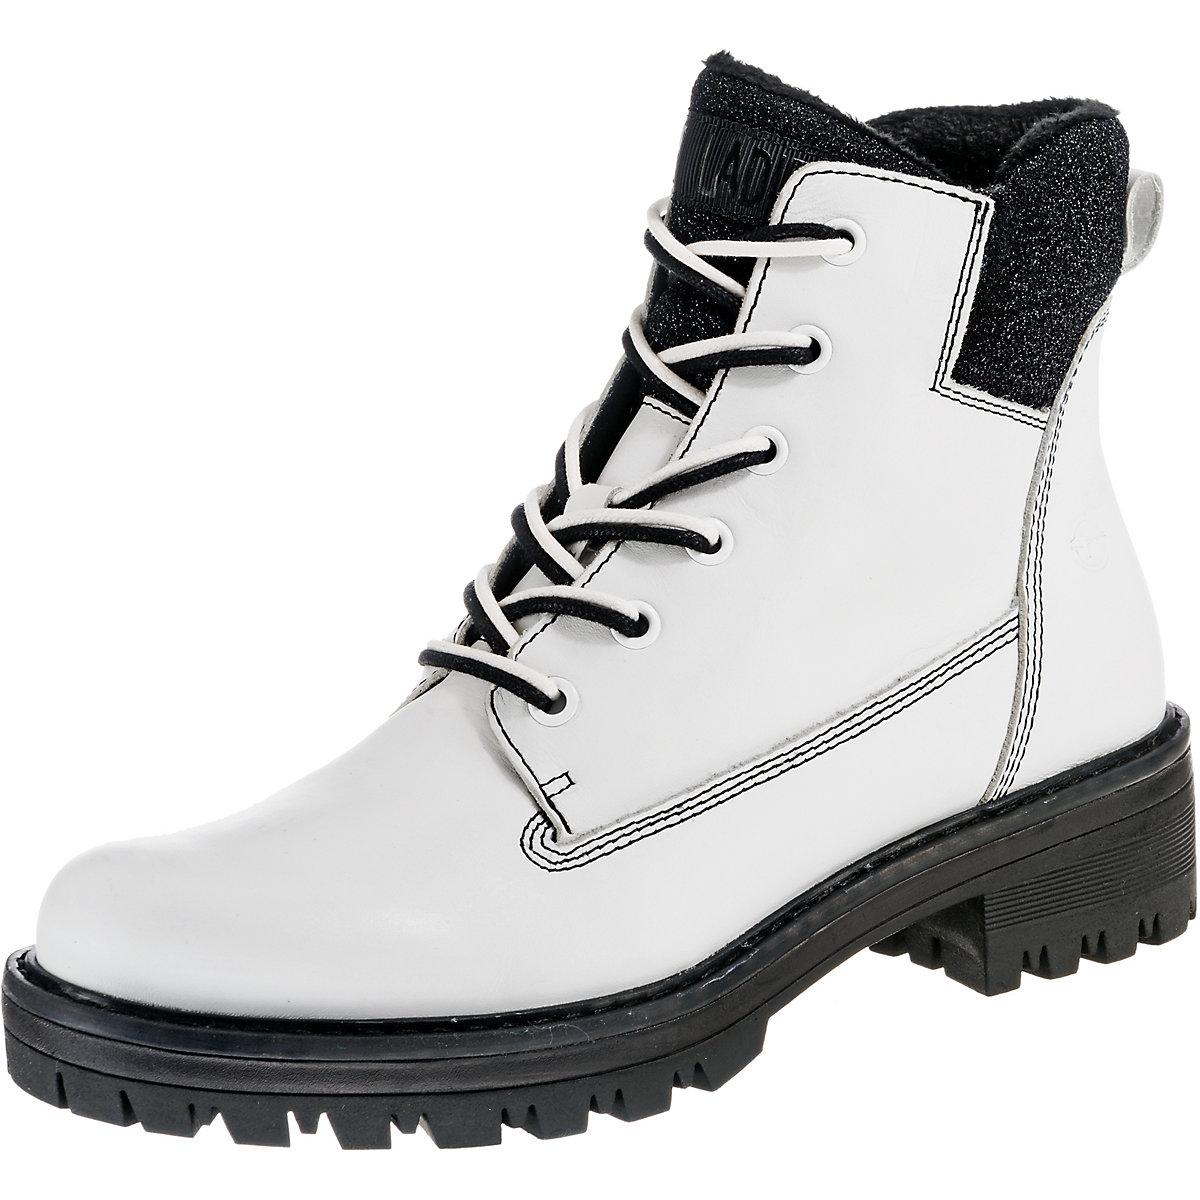 Tamaris, Biker Stiefel, weiß  Gute Qualität beliebte Schuhe